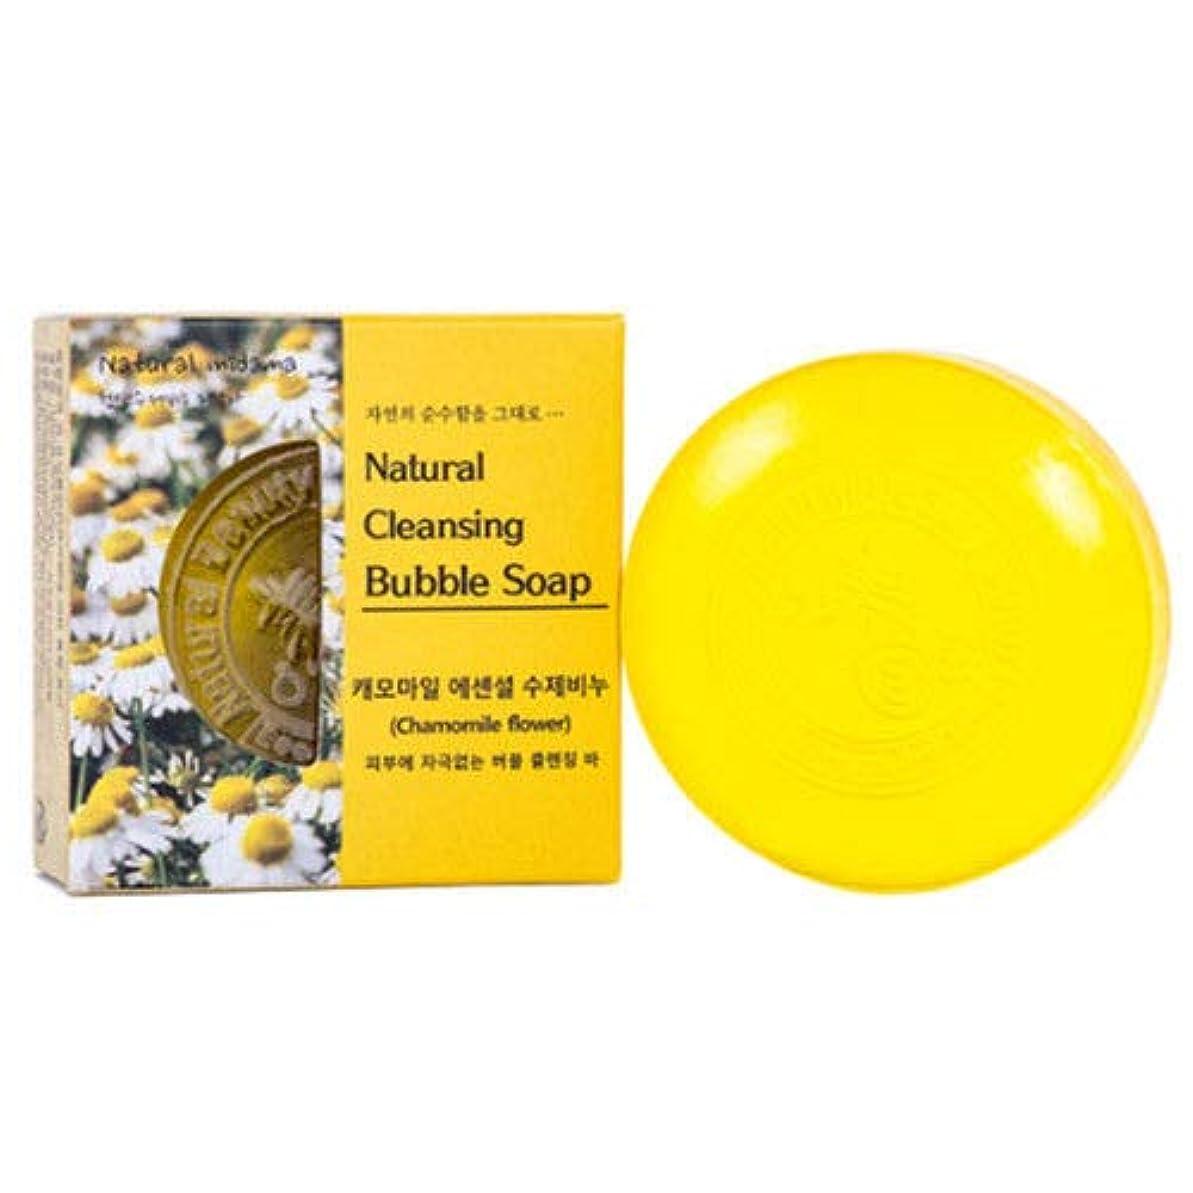 記念反対したベーリング海峡天然 石鹸 ナチュラル バブル クレンジング バー/カモマイル ローズ ラベンダー せっけん Herb Oil Skin Soap 100g [並行輸入品] (カモマイル)